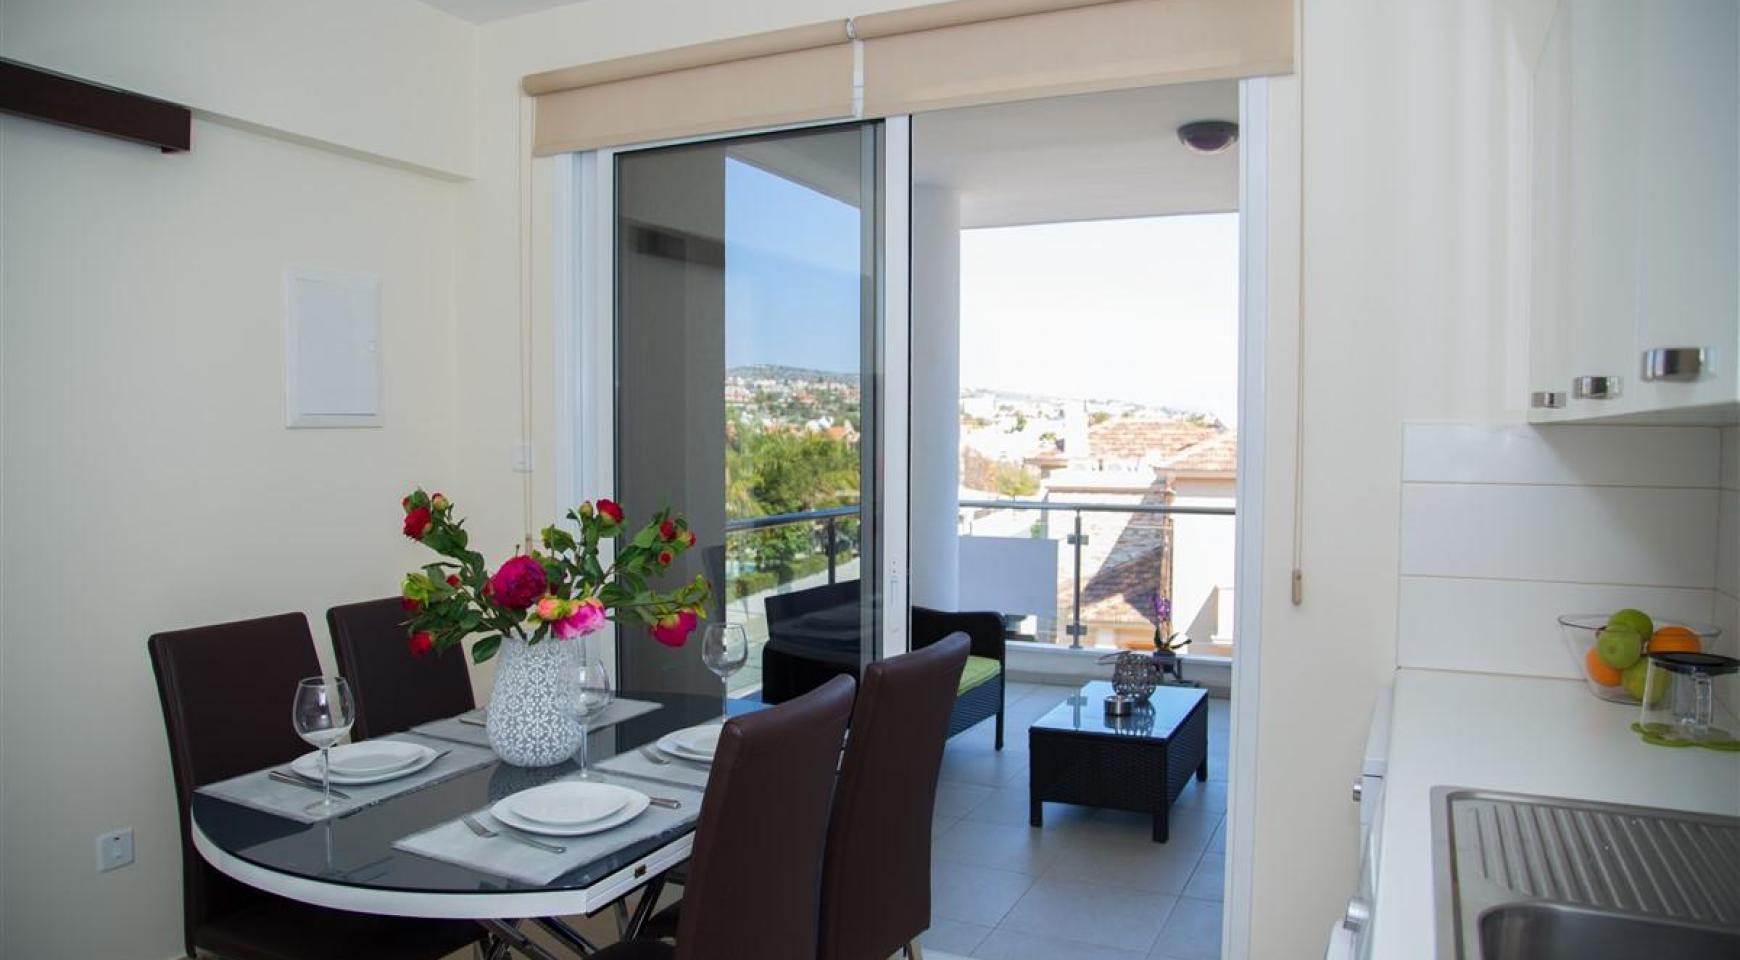 Μοντέρνο διαμέρισμα 2 υπνοδωματίων στην περιοχή Ποταμός Γερμασόγειας - 9